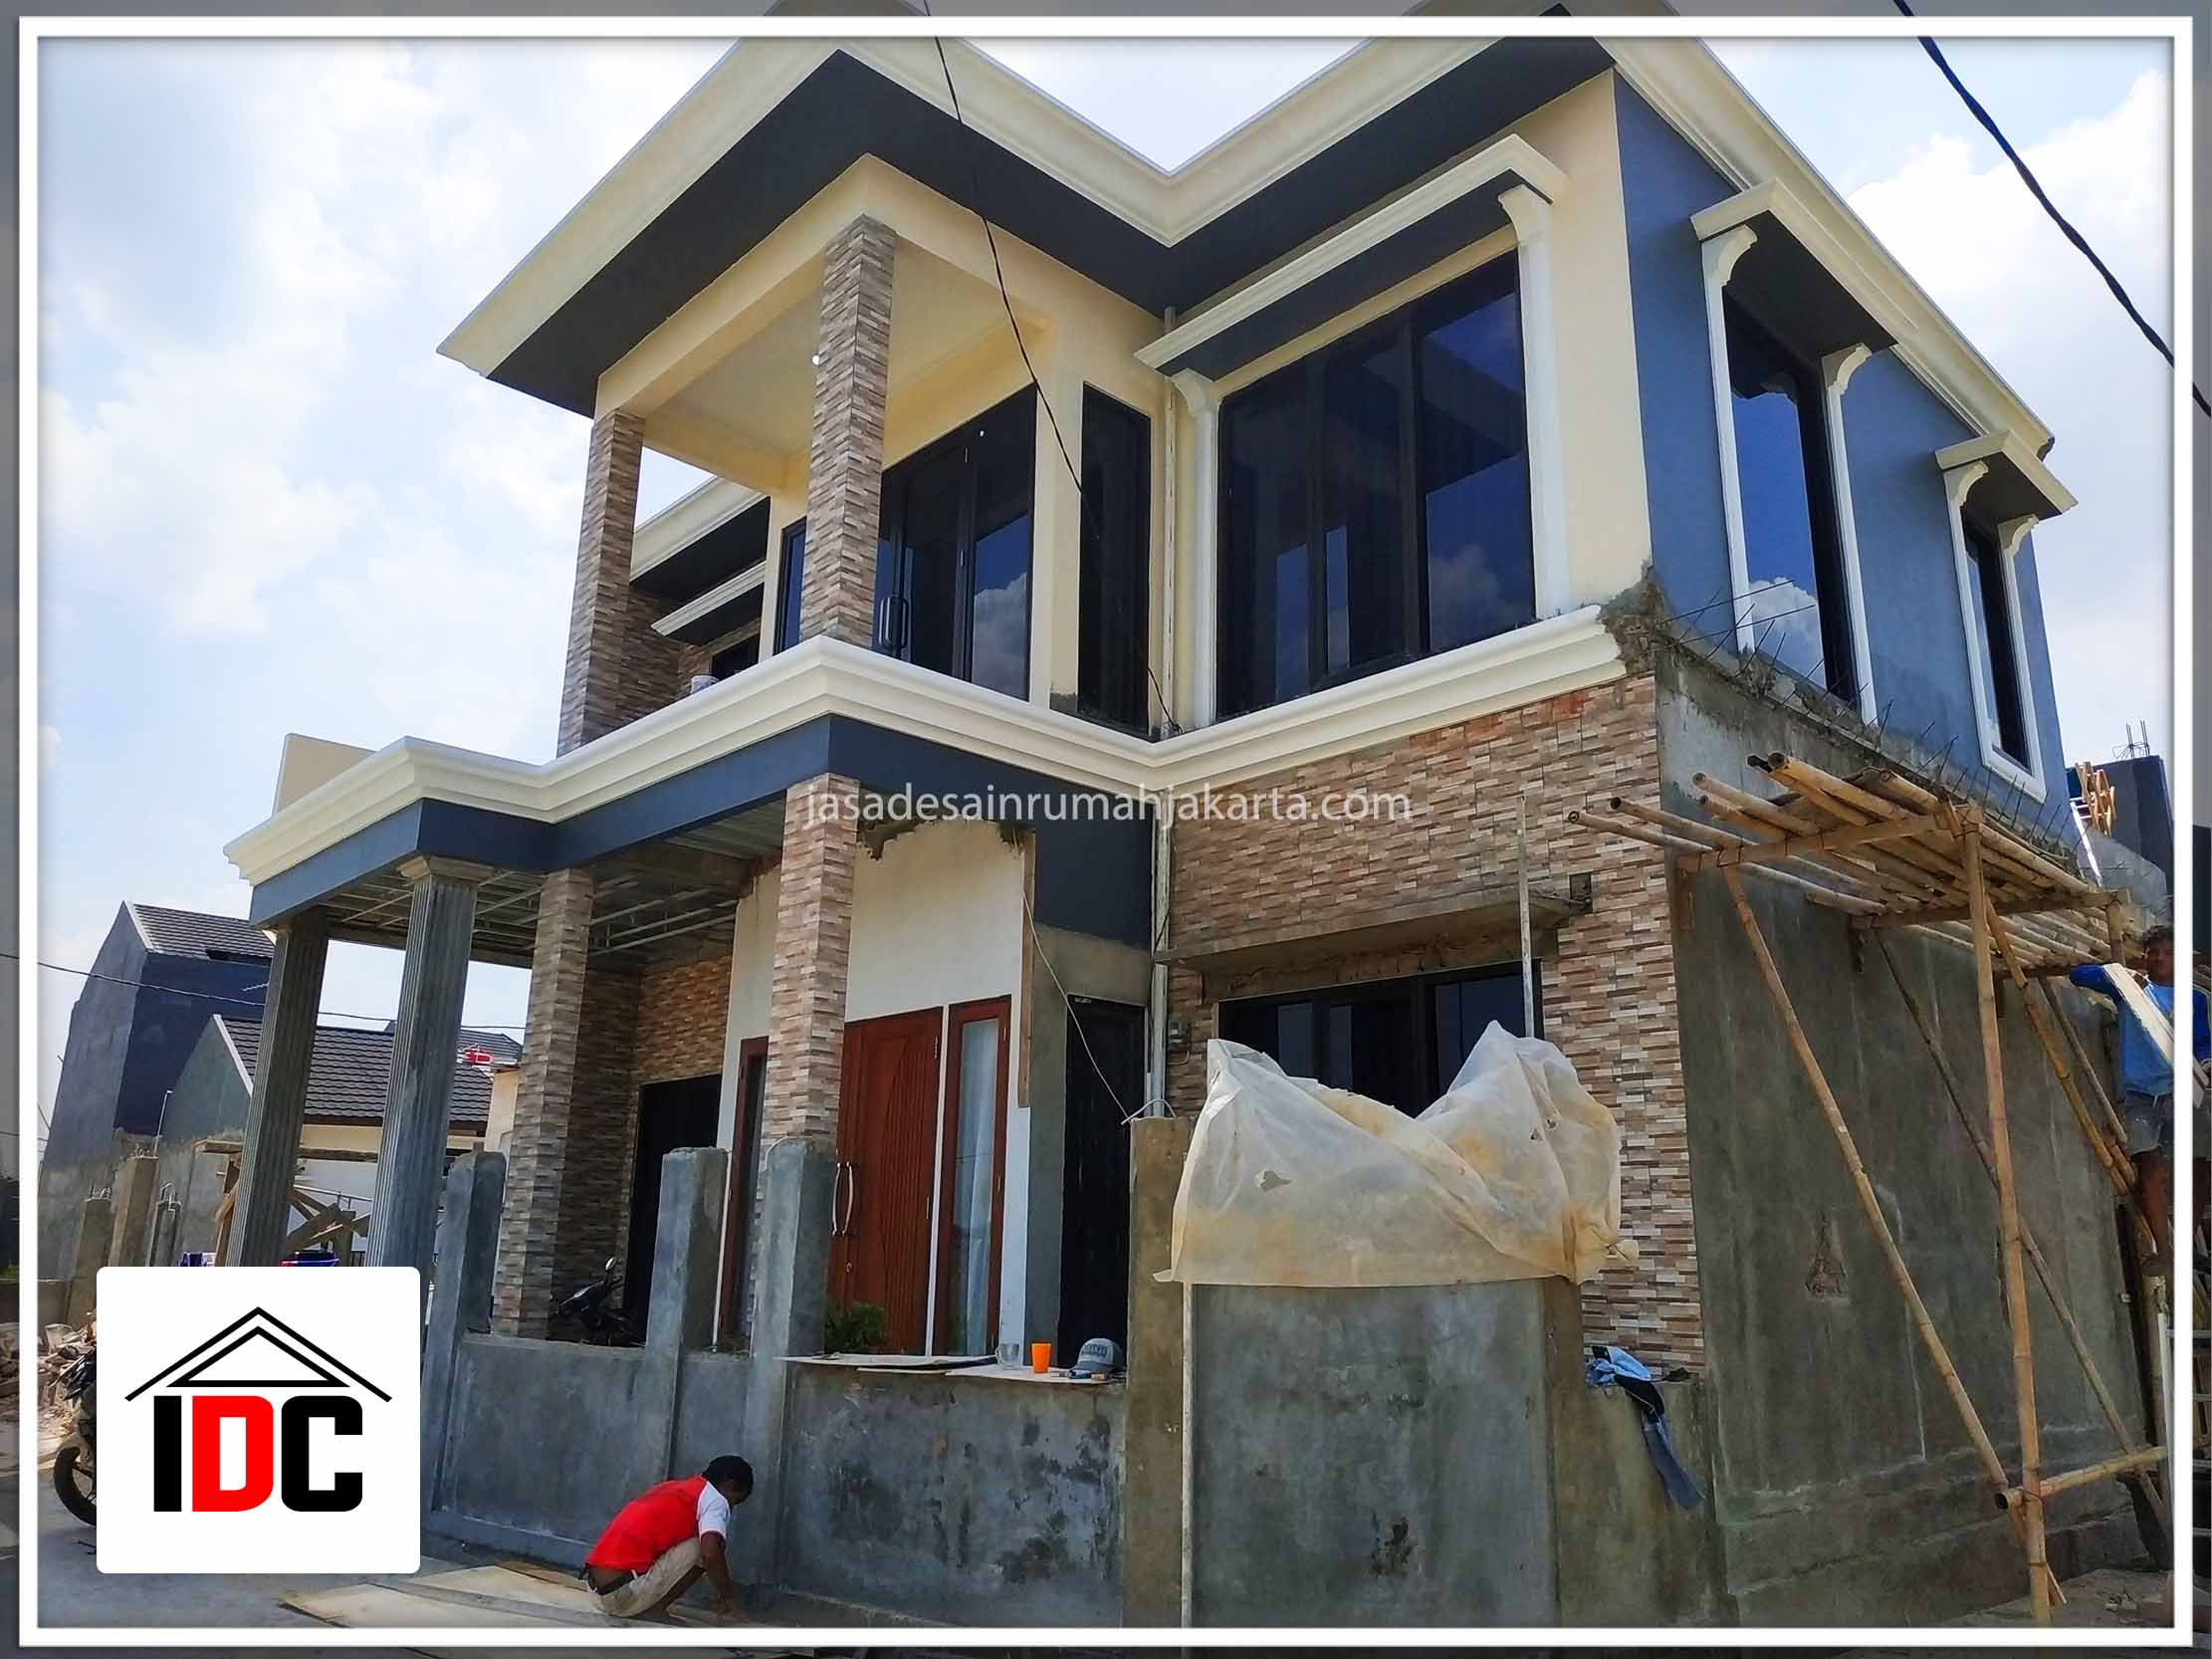 Realisasi Desain Rumah Minimalis Di Bekasi Kunjungan April 2019